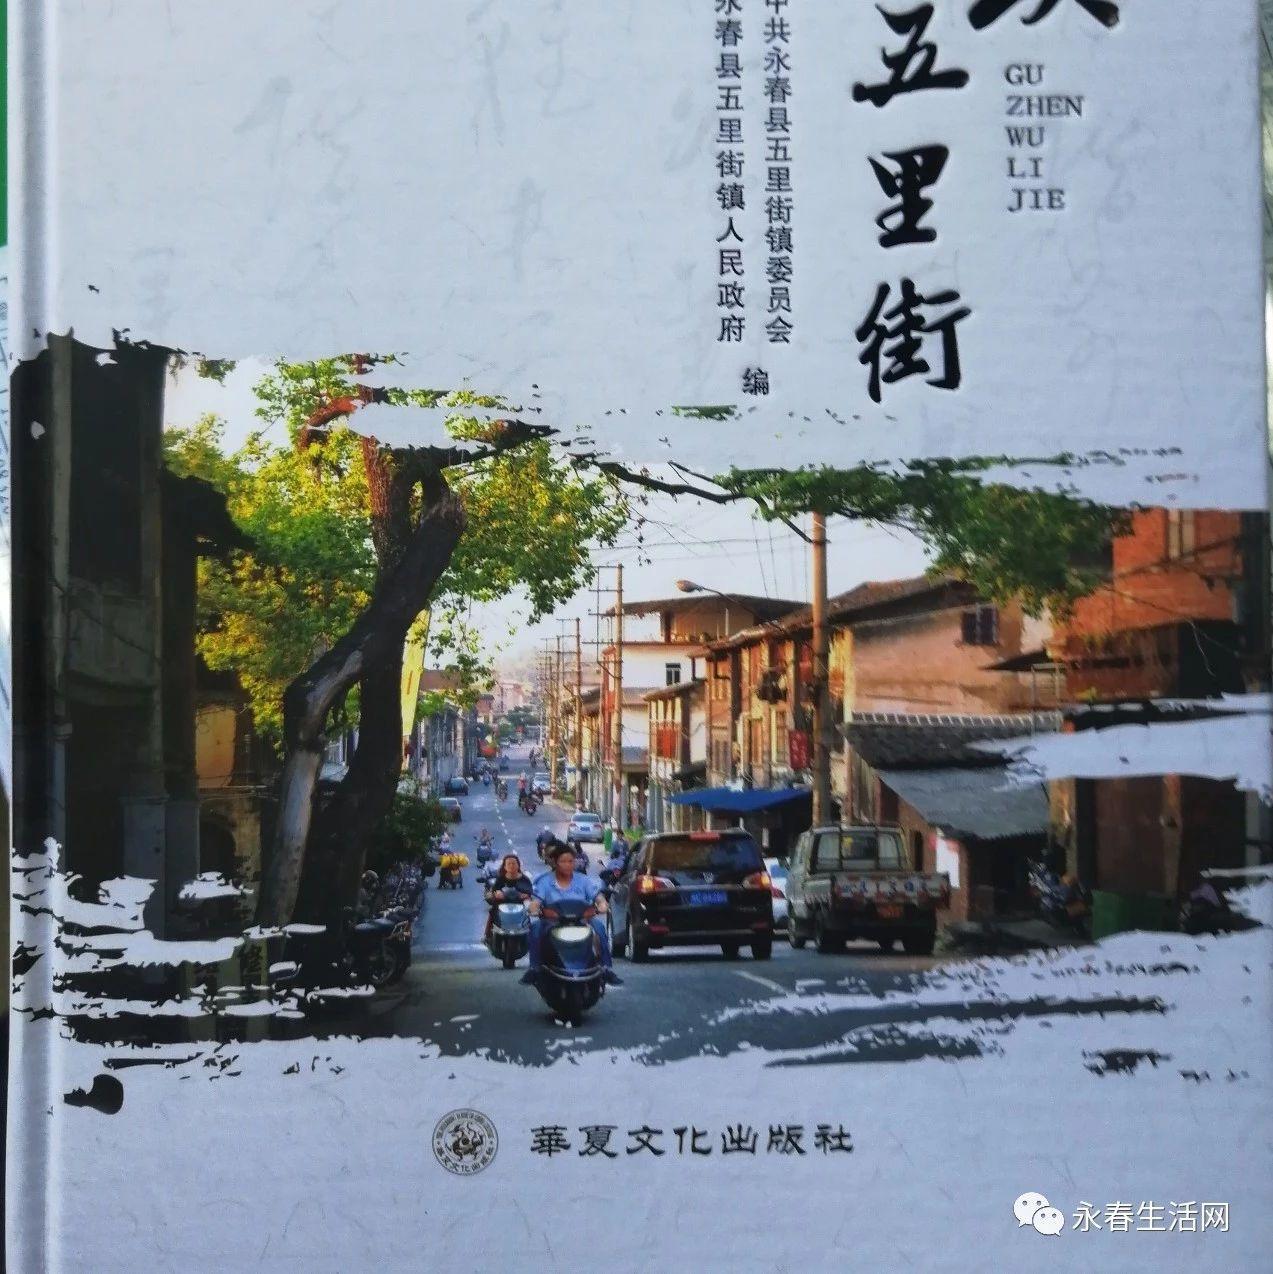 永春县五里街镇编制的《闽南古镇五里街》正式出版了